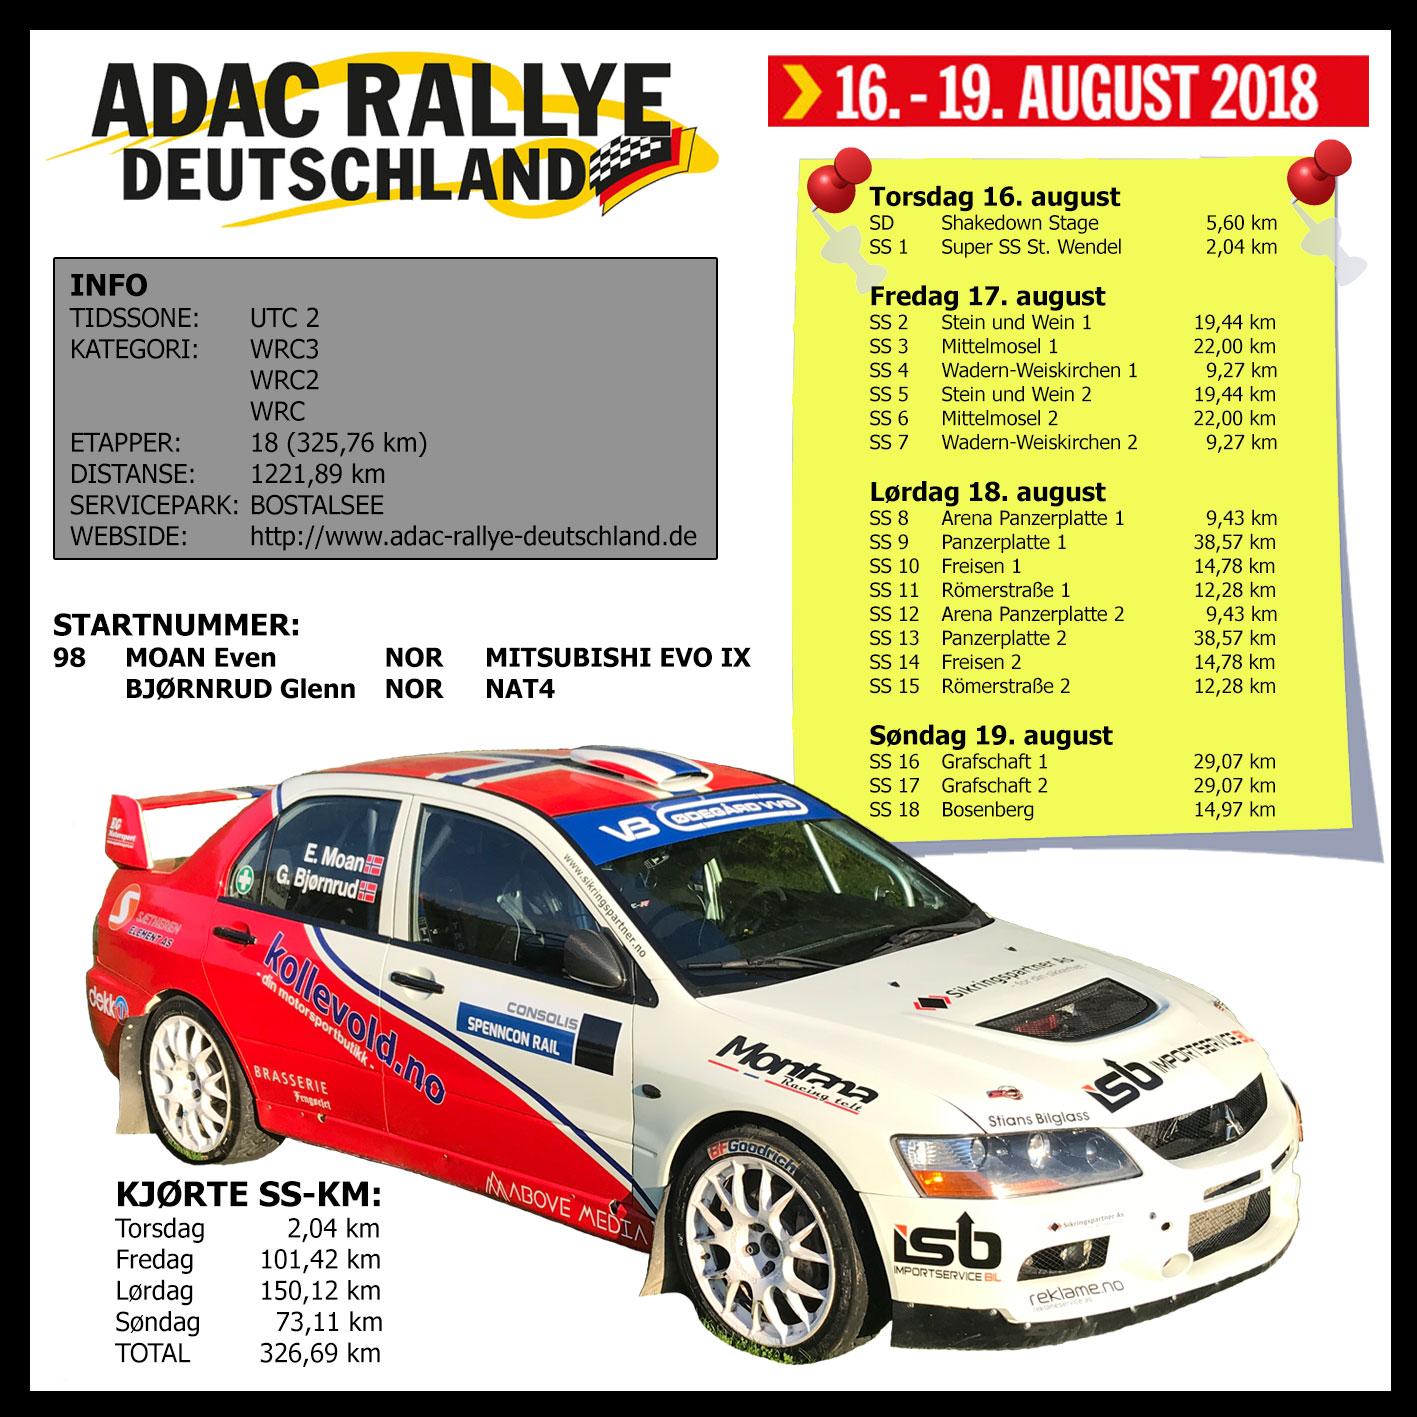 Klare for ADAC Rallye Deutschland